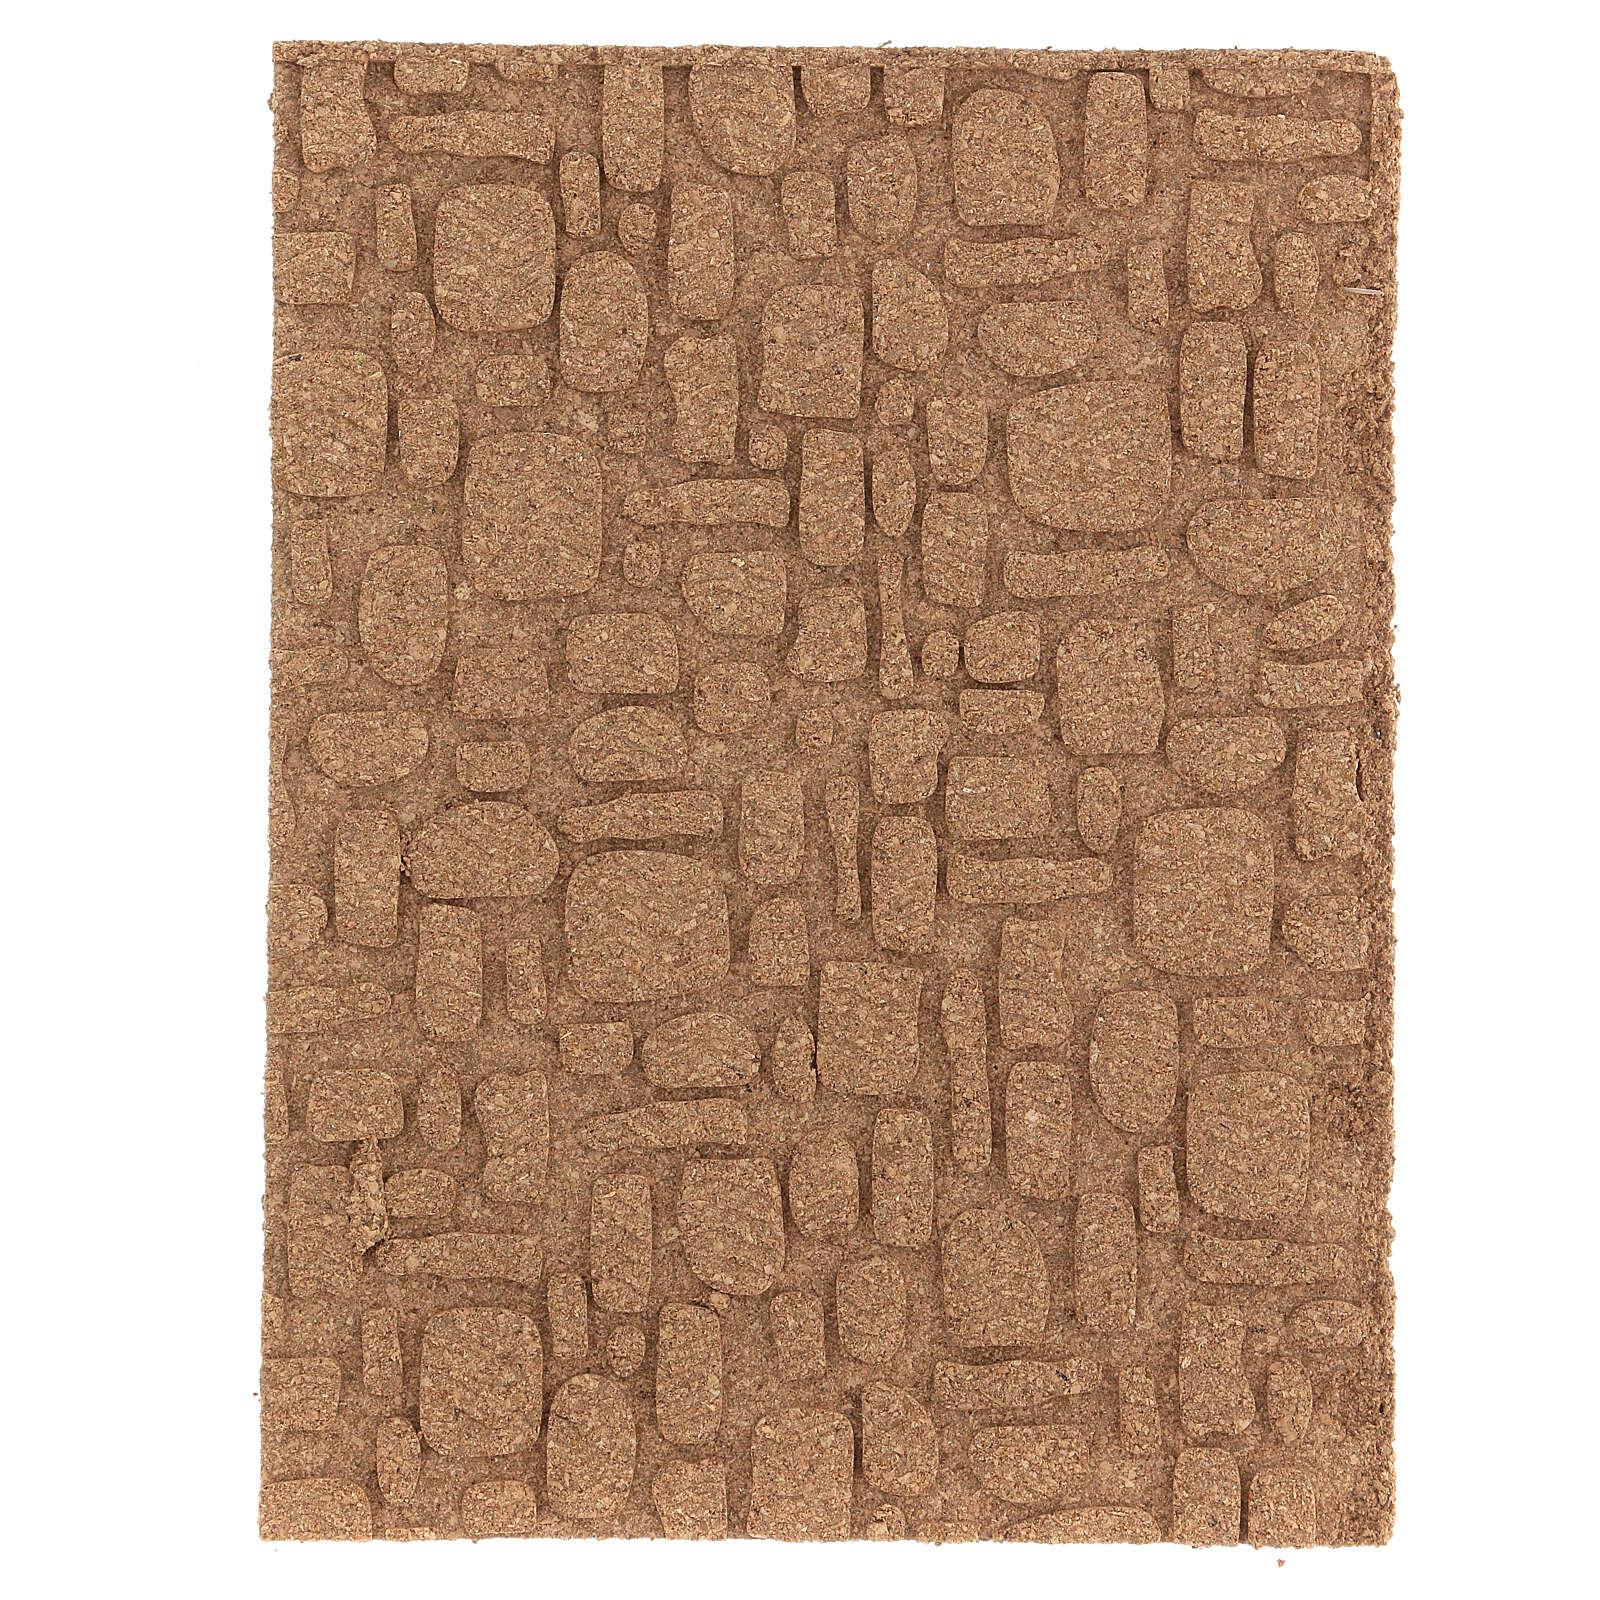 Pannello sughero muro pavimento fai da te mosaico 35x25 cm 4